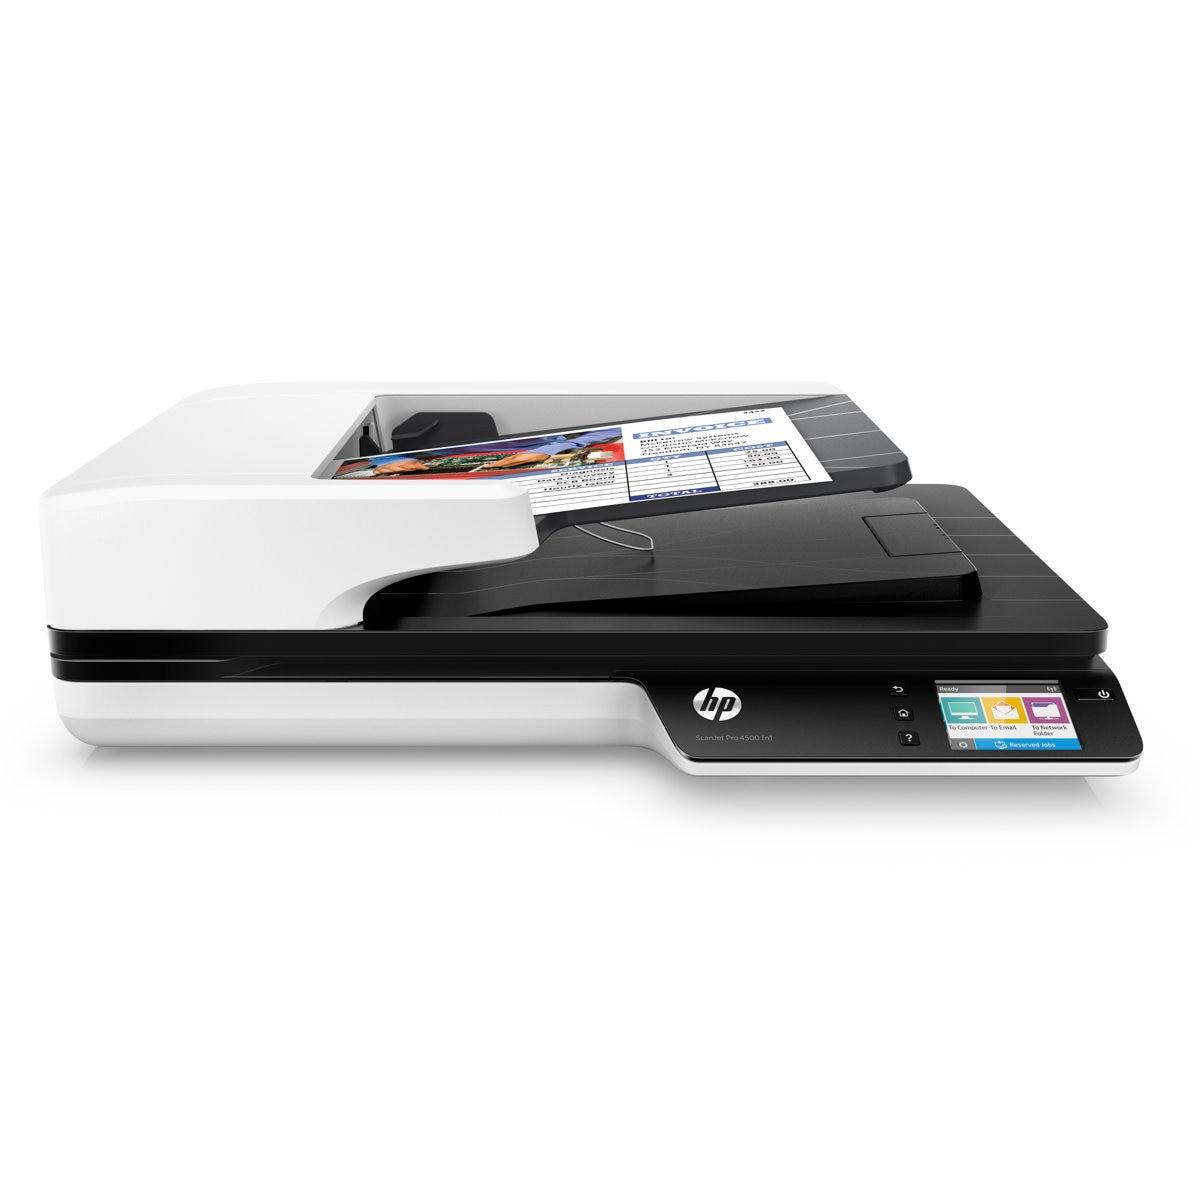 Fotografie Scanner HP Scanjet Pro 4500, A4